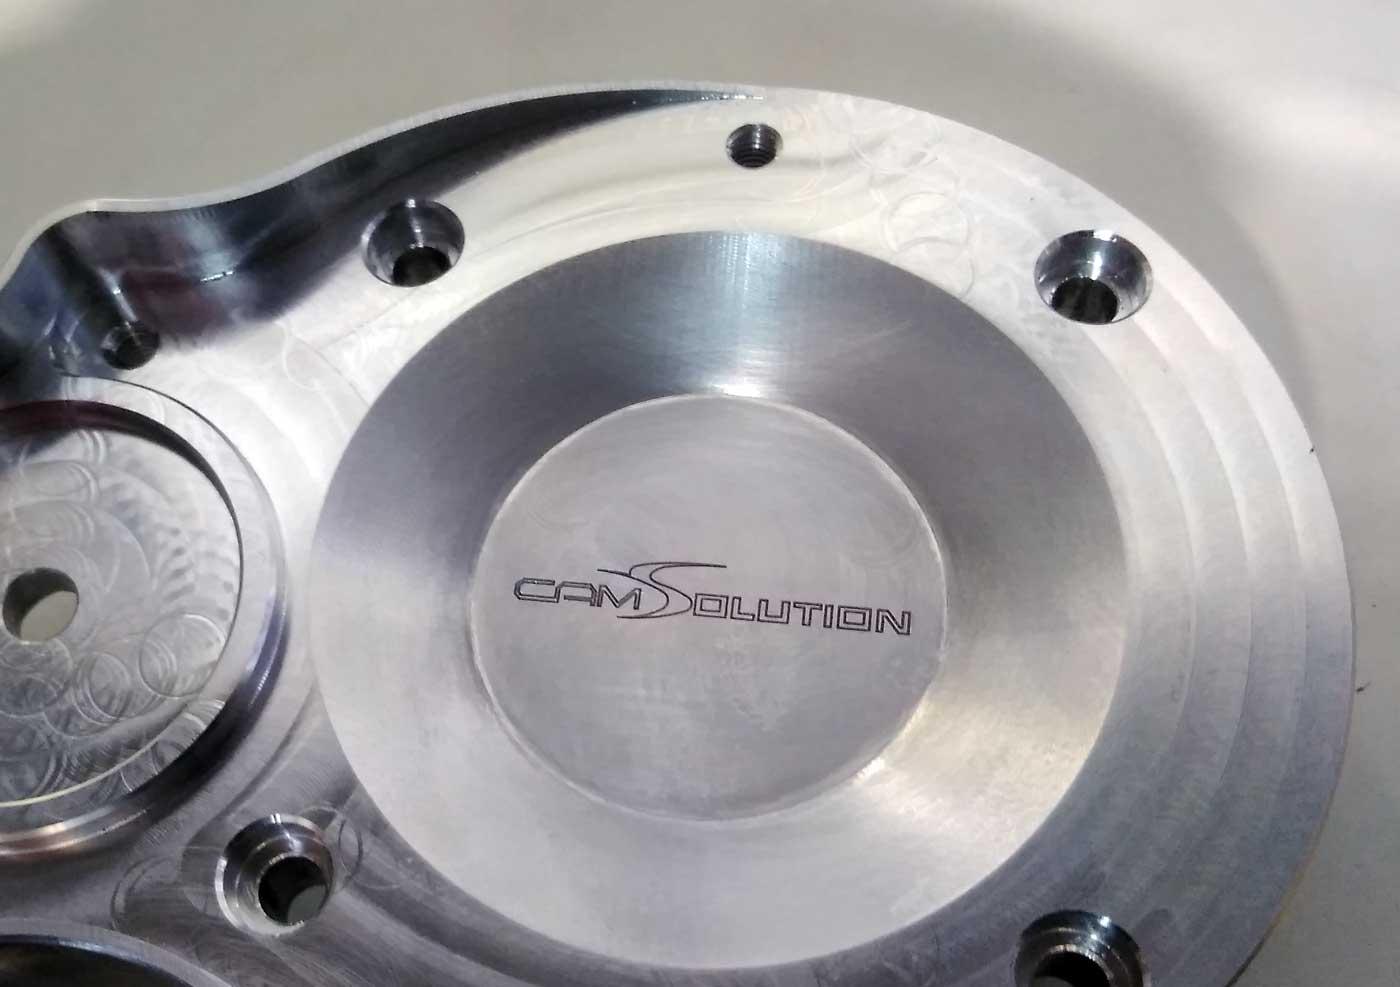 Frästeileherstellung Steyr Cam Solution GmbH